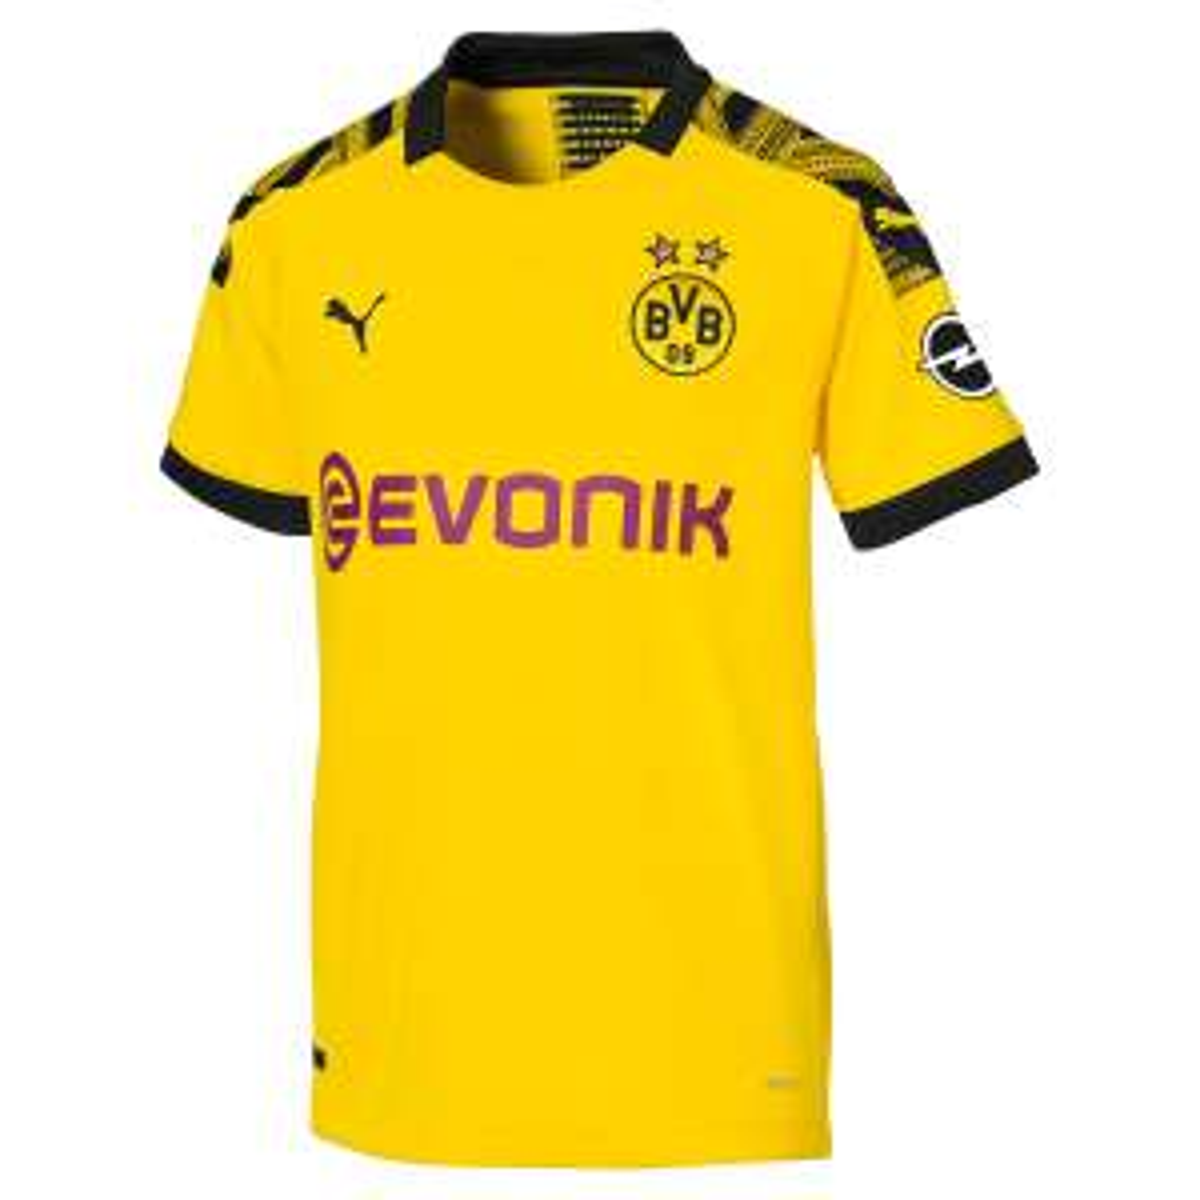 Puma Borussia Dortmund Heimtrikot Saison 19/20 für Herren: Gr. S + XXL für 27,99€ & Gr. M - XL + 3XL für 34,30€ oder 2 für 1